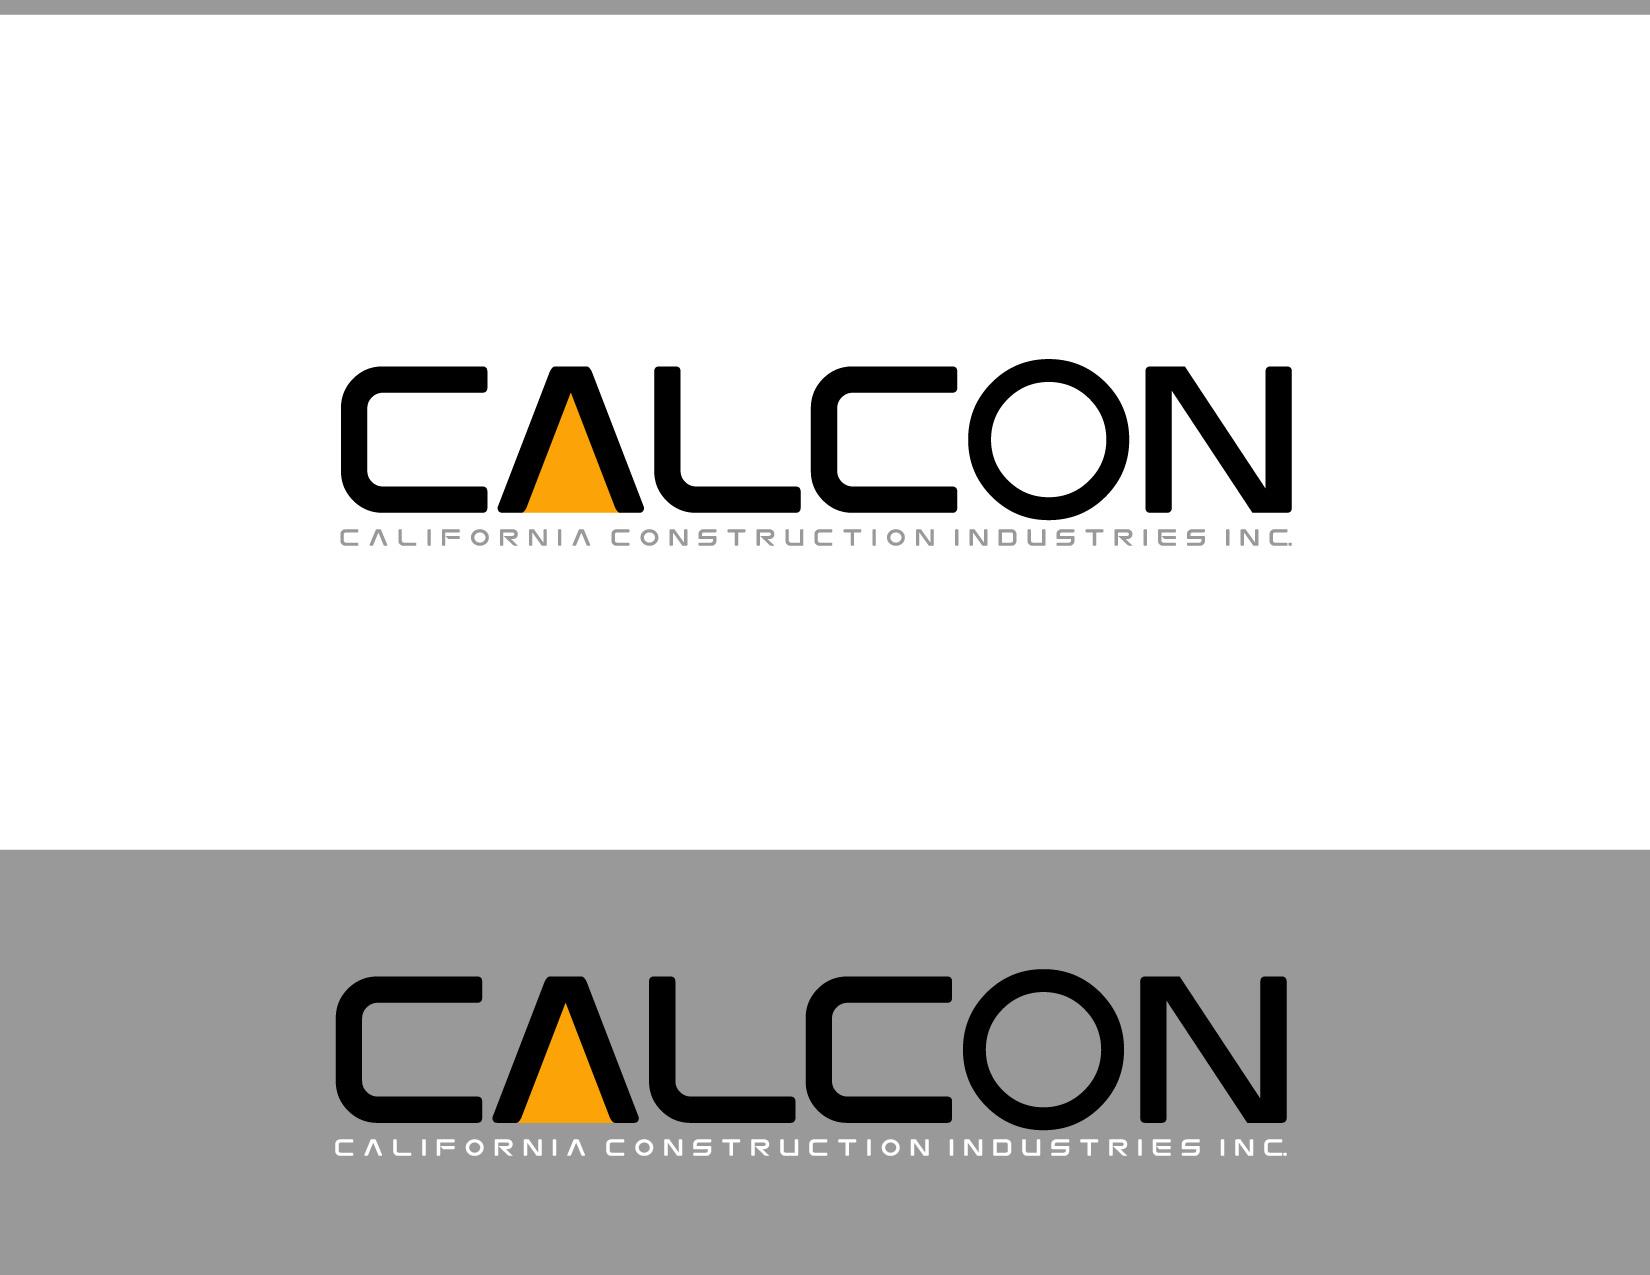 Logo Design by Allan Esclamado - Entry No. 51 in the Logo Design Contest California Construction Industries Inc. Logo Design.